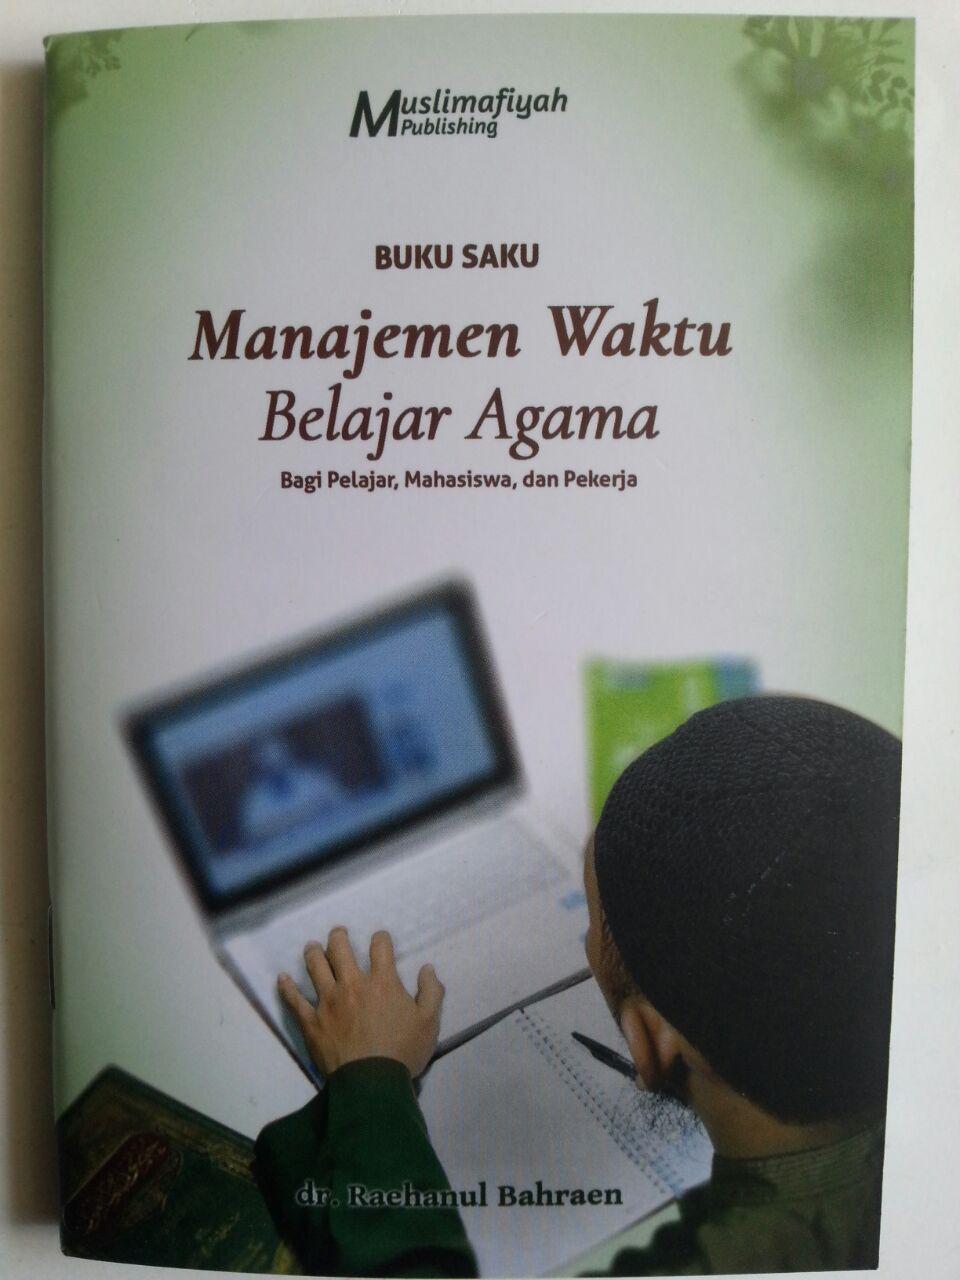 Buku Saku Manajemen Waktu Belajar Agama Bagi Pelajar Mahasiswa Pekerja cover 2